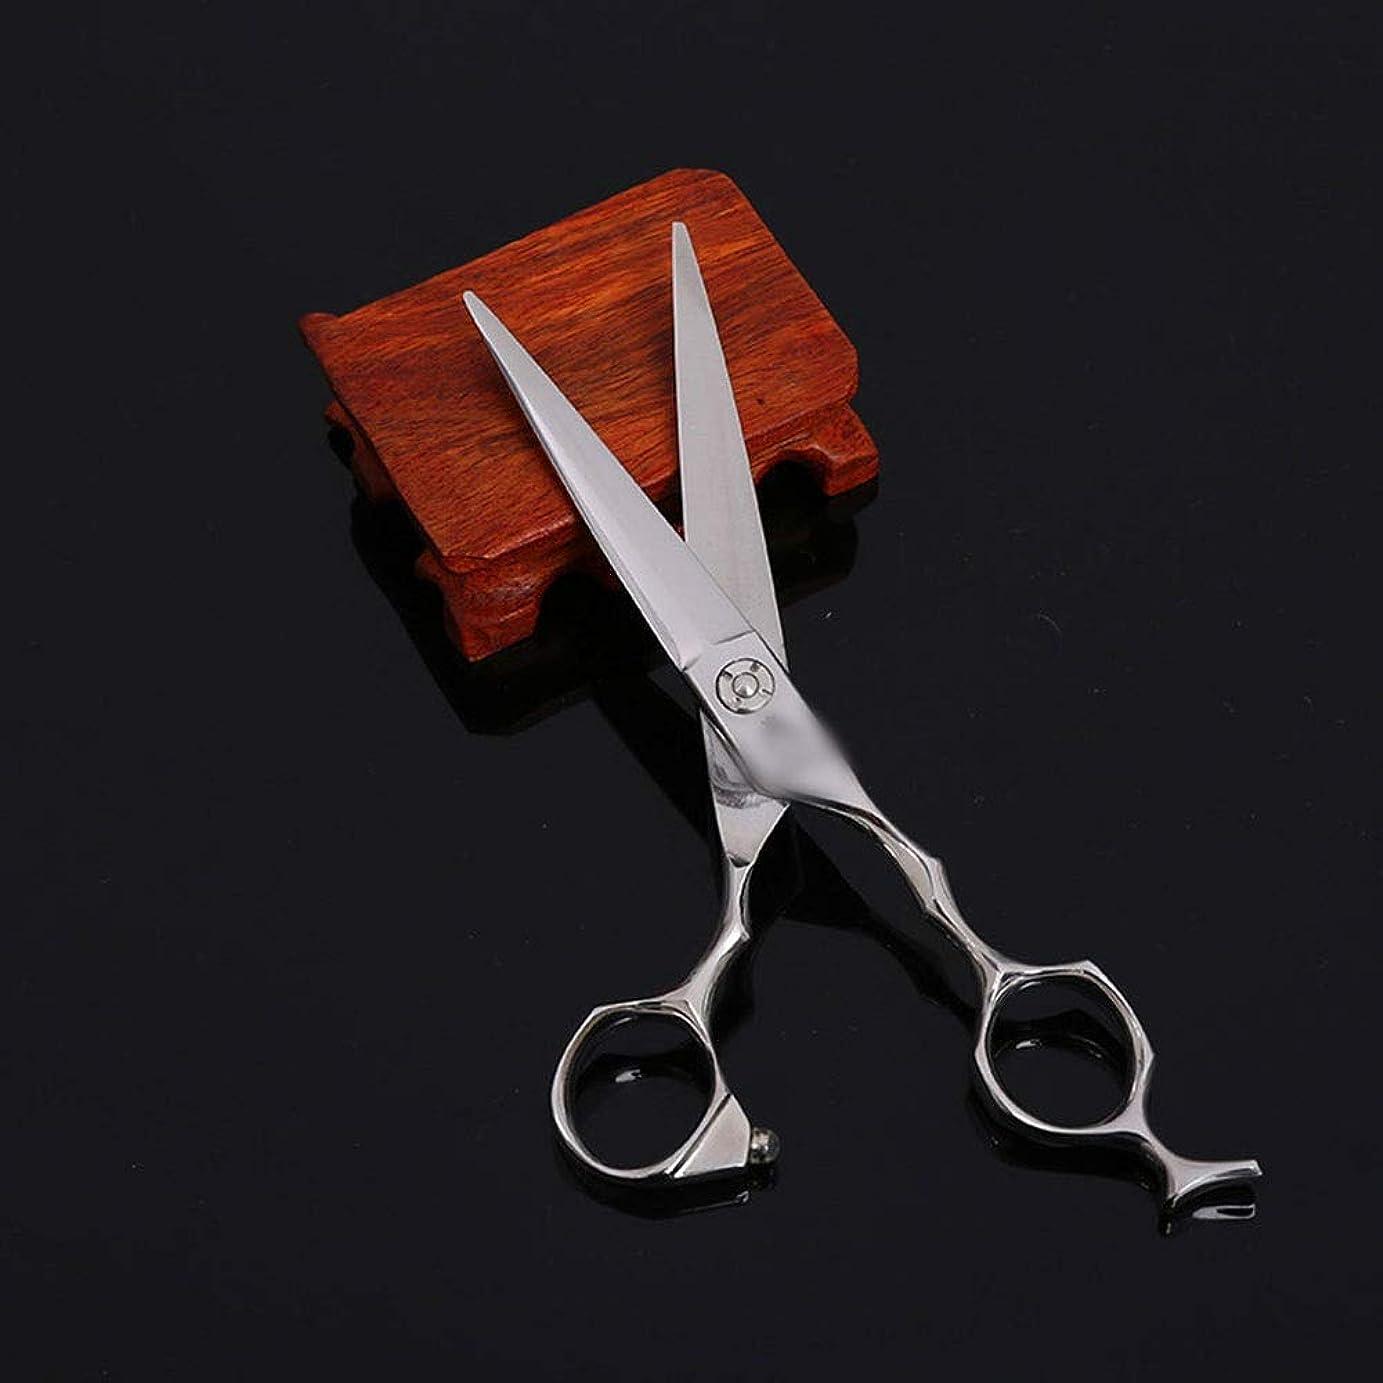 円形トピック行商人方朝日スポーツ用品店 6インチの理髪師特別なハイエンドのプロの理髪ツールフラットはさみ (色 : Silver)